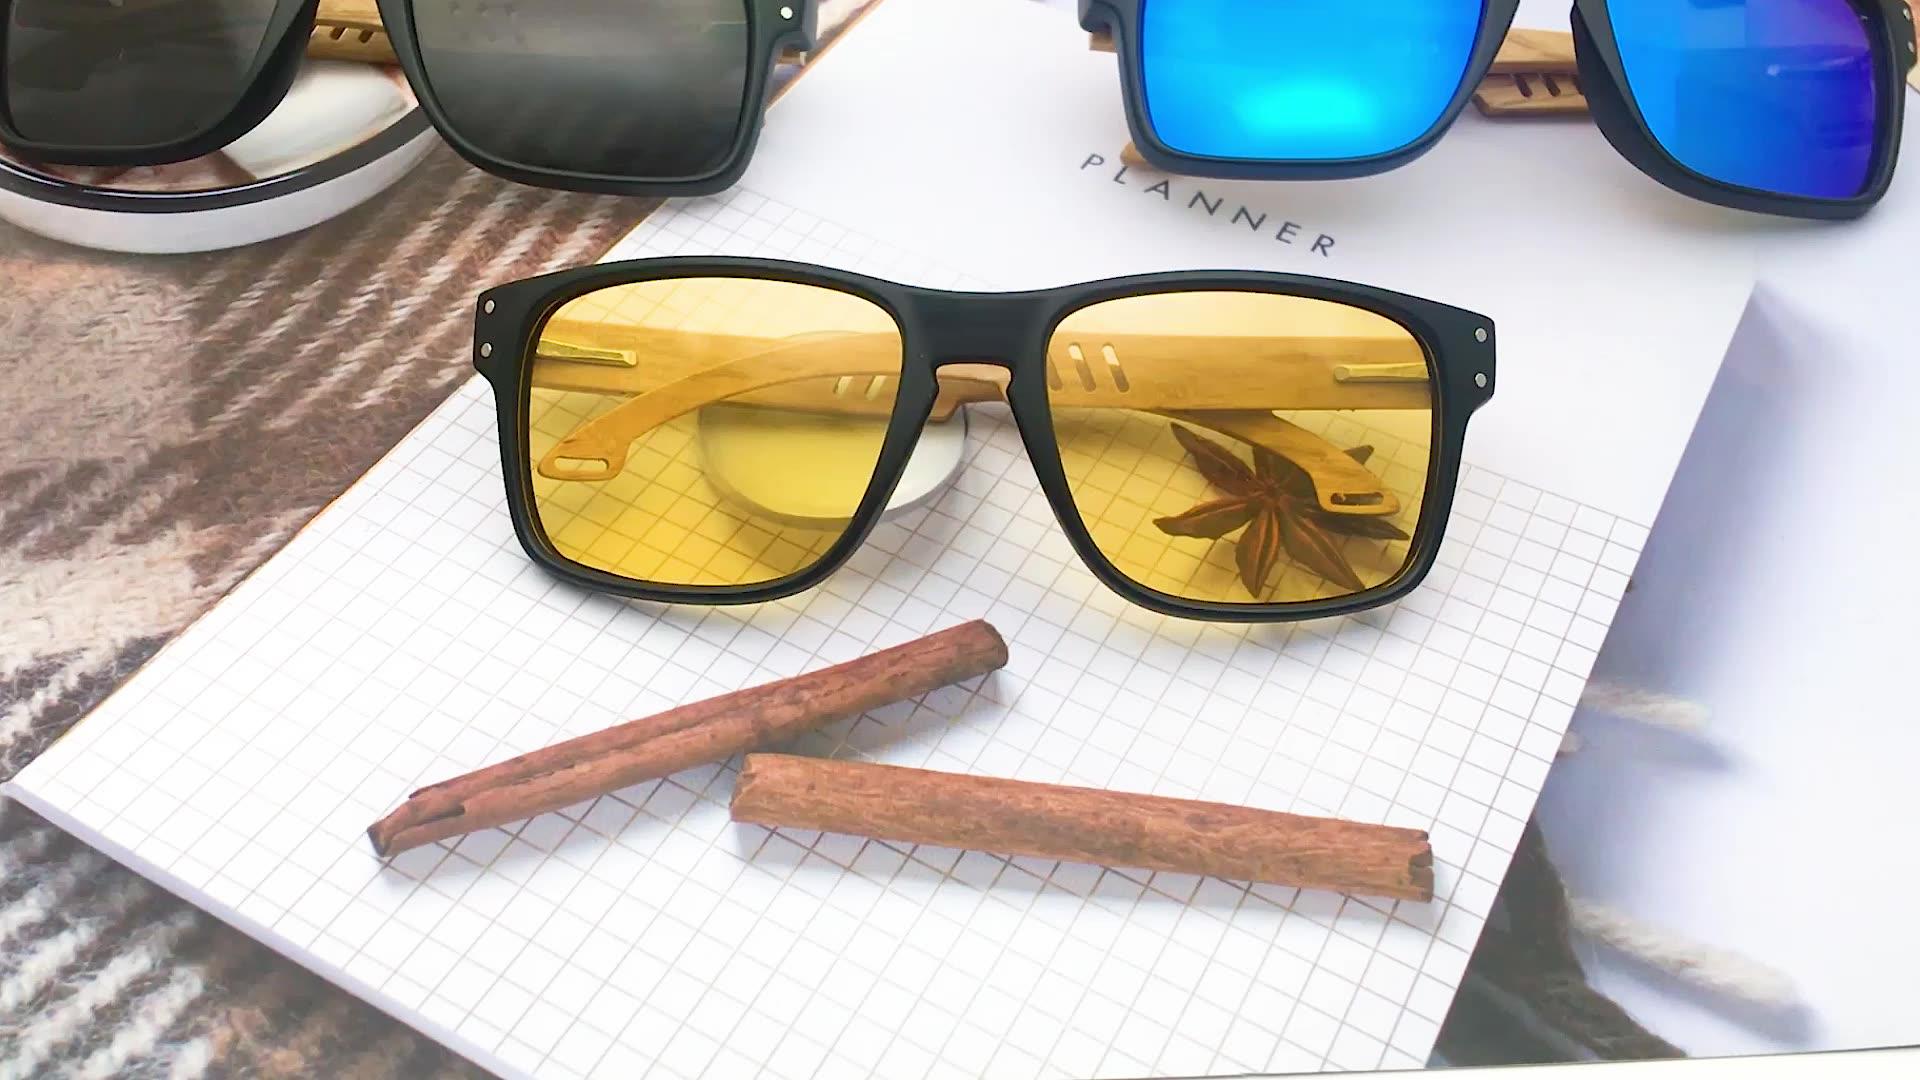 LS5026 thiết kế thời trang tùy chỉnh uv400 kính mặt trời kính PC khung bằng gỗ tre những ngôi đền kính mát 2019